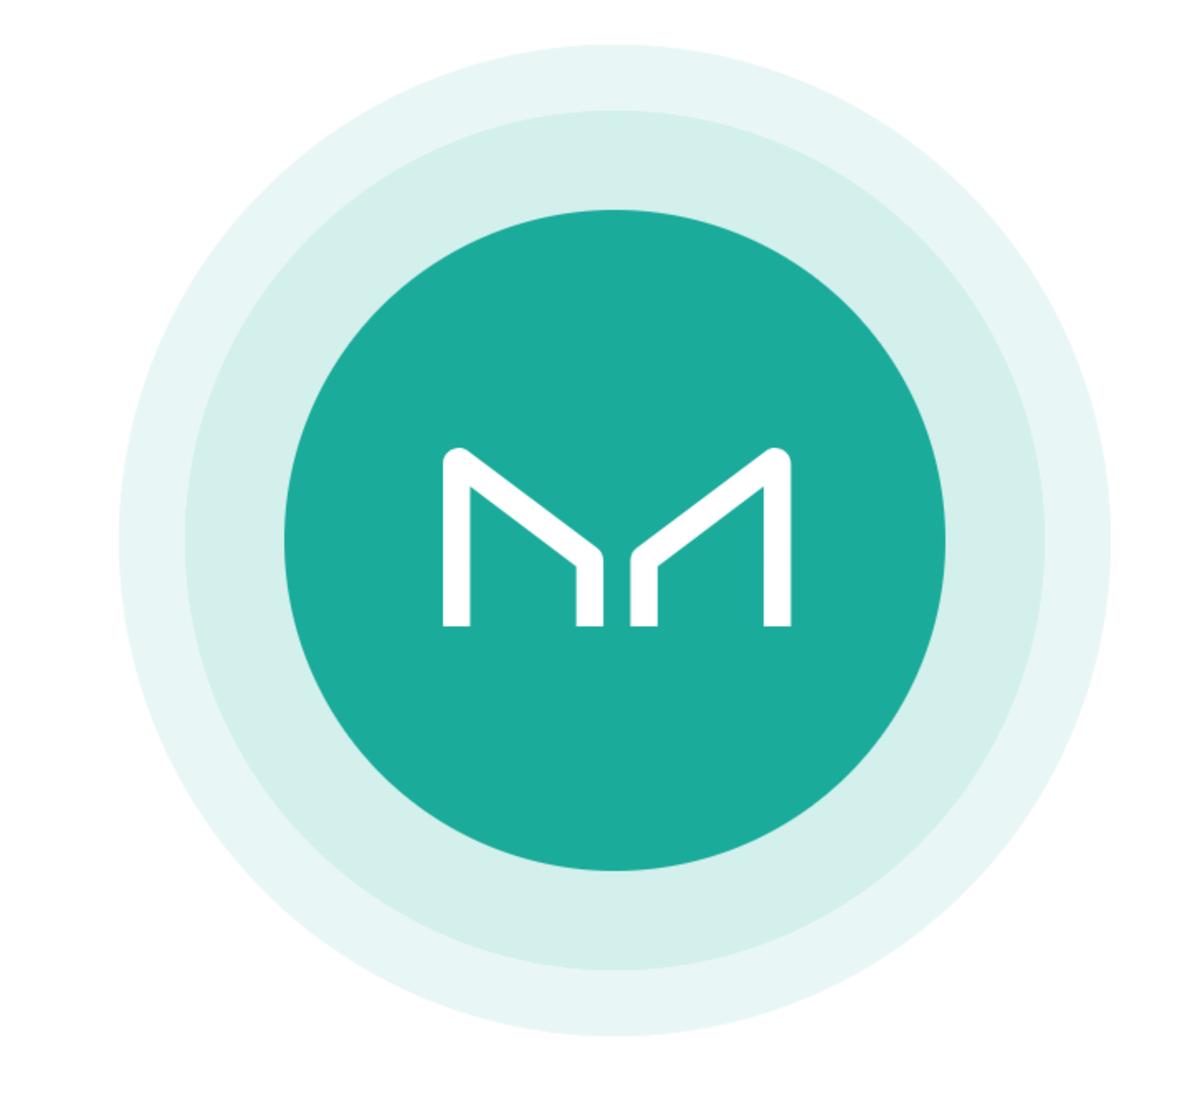 The Maker logo